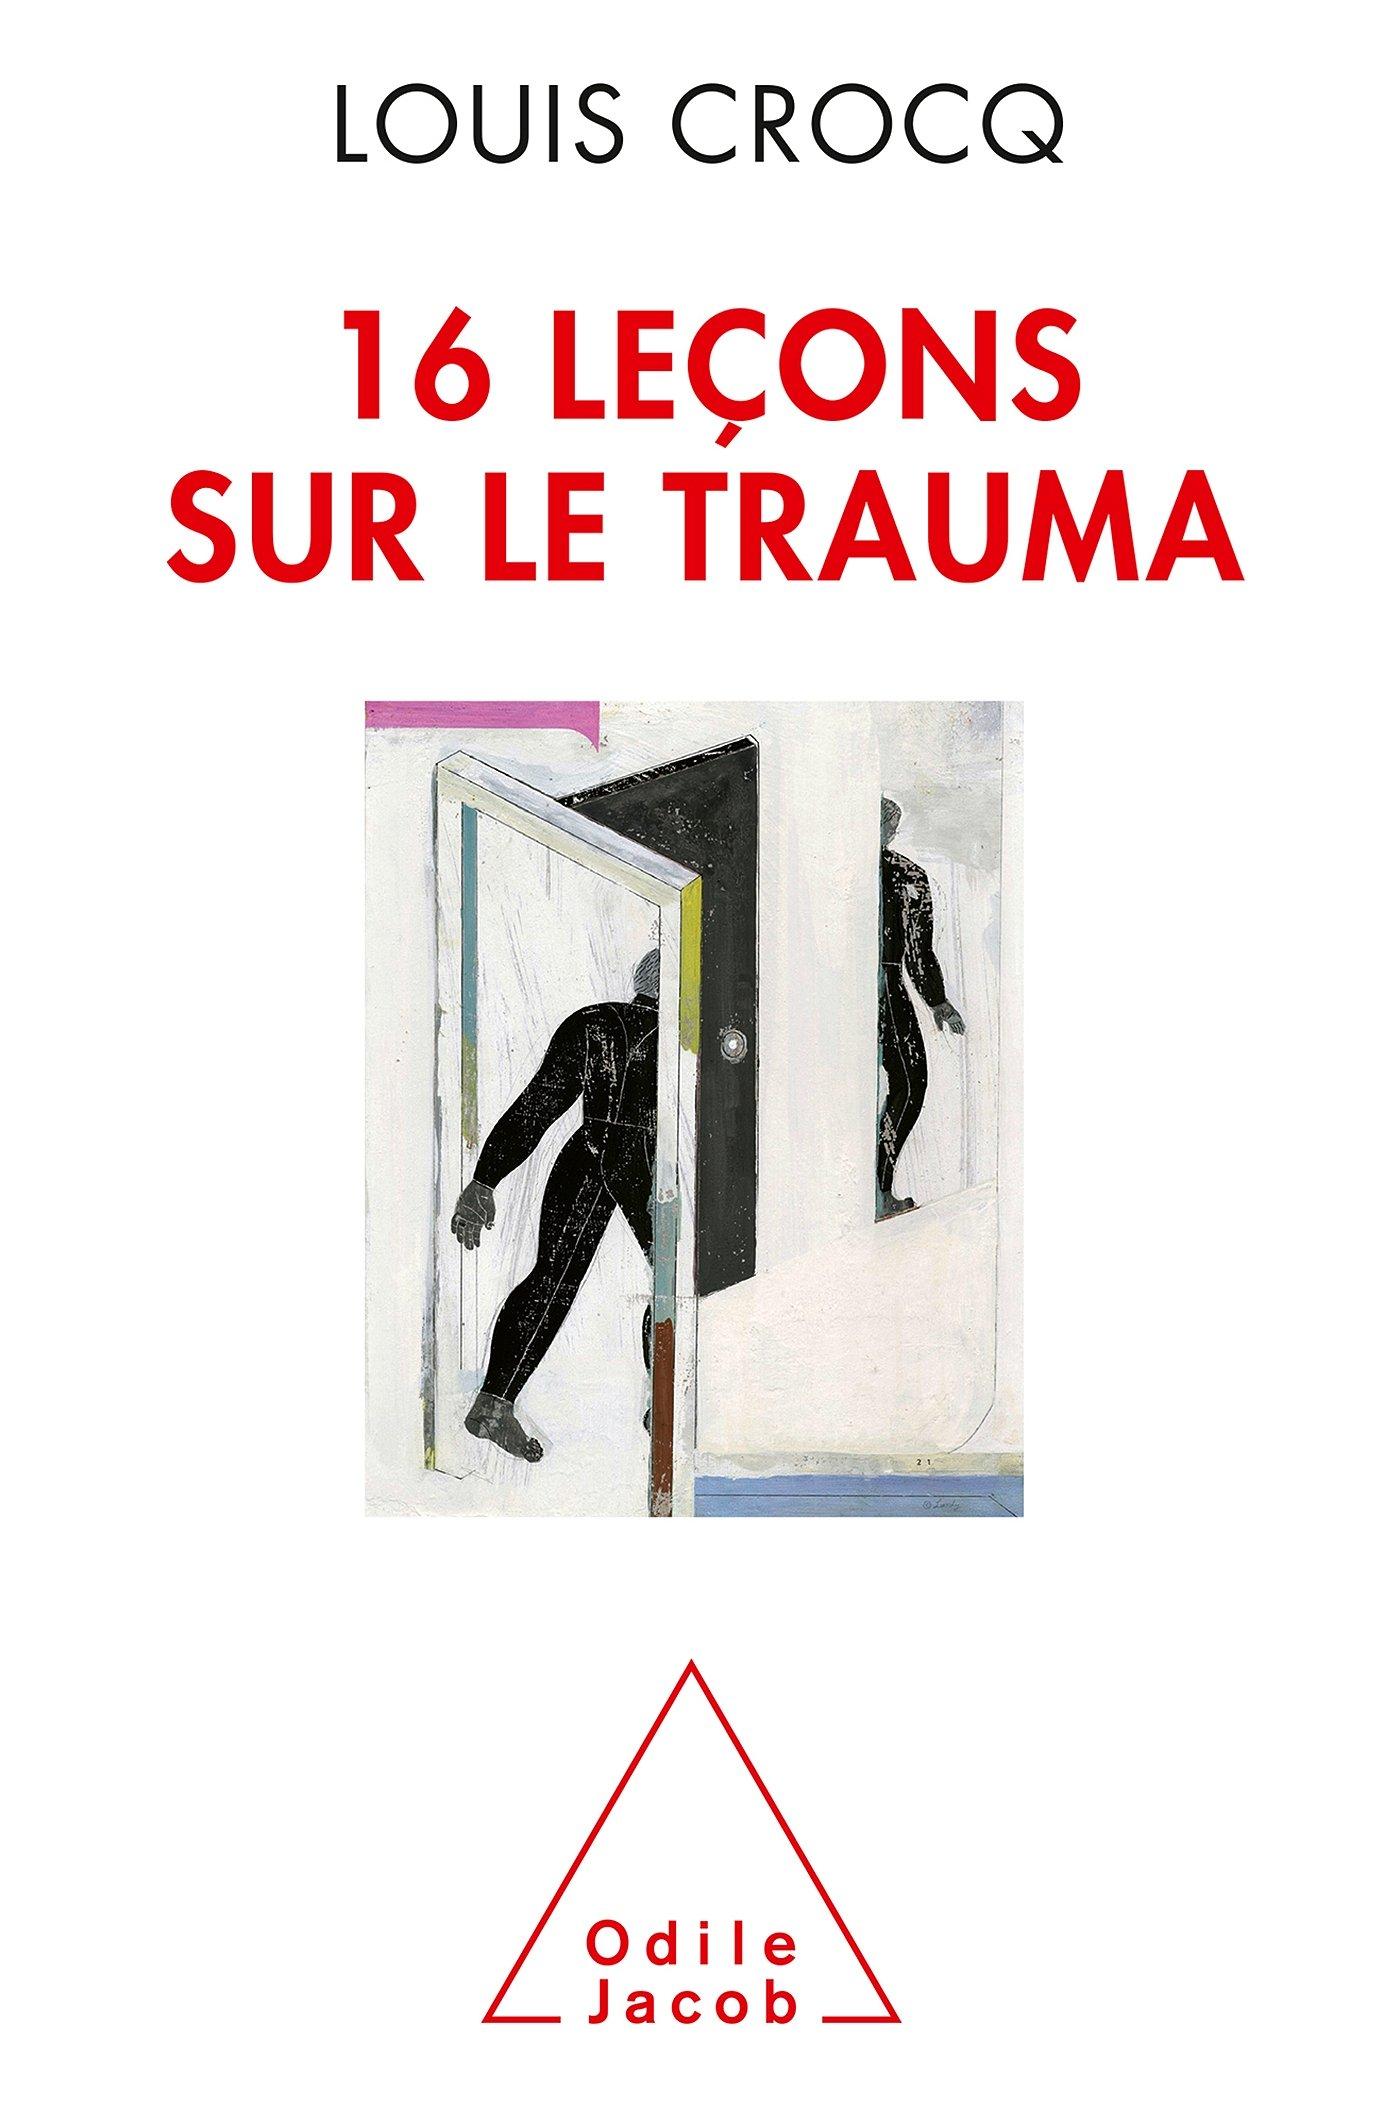 16 leçons sur le trauma Broché – 22 août 2012 Louis Crocq Odile Jacob 2738128254 Psychologie